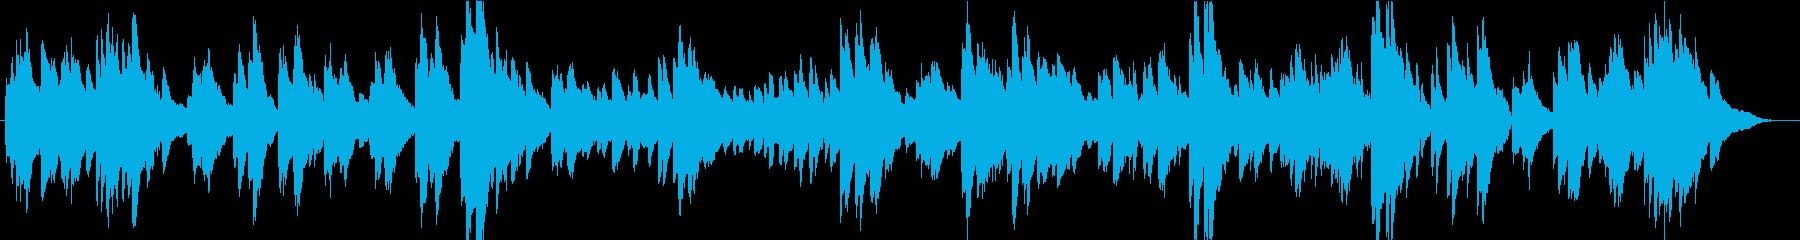 メンデルスゾーン「朝の歌」の再生済みの波形